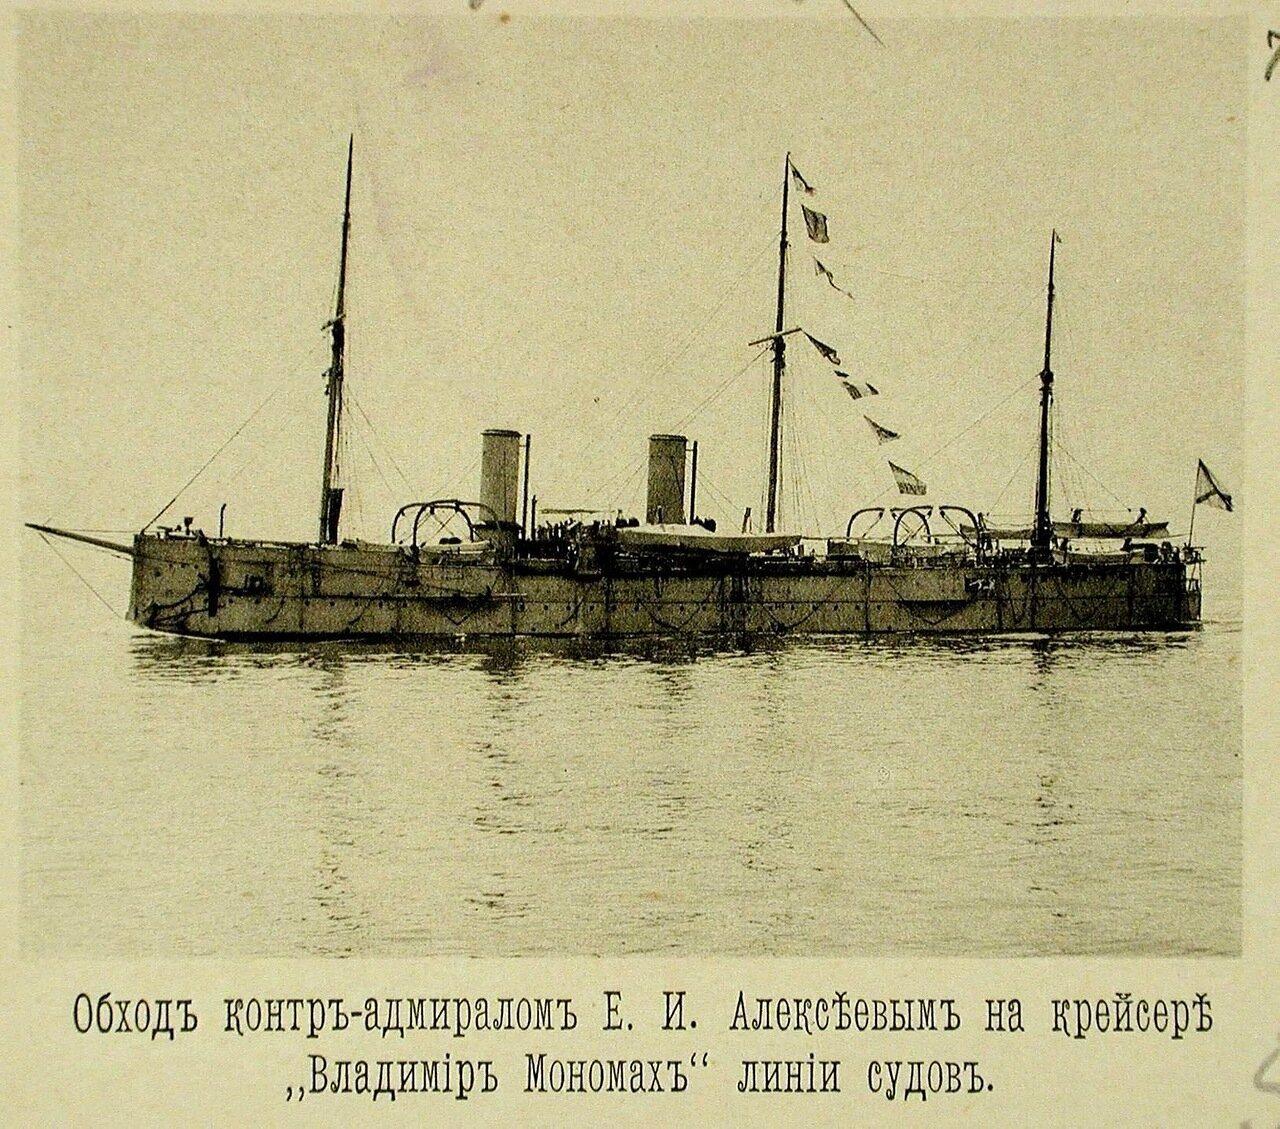 73. Крейсер I-го ранга Владимир Мономах, на борту которого находился контр-адмирал Е.И.Алексеев, во время обхода линии судов соединенной эскадры на учениях